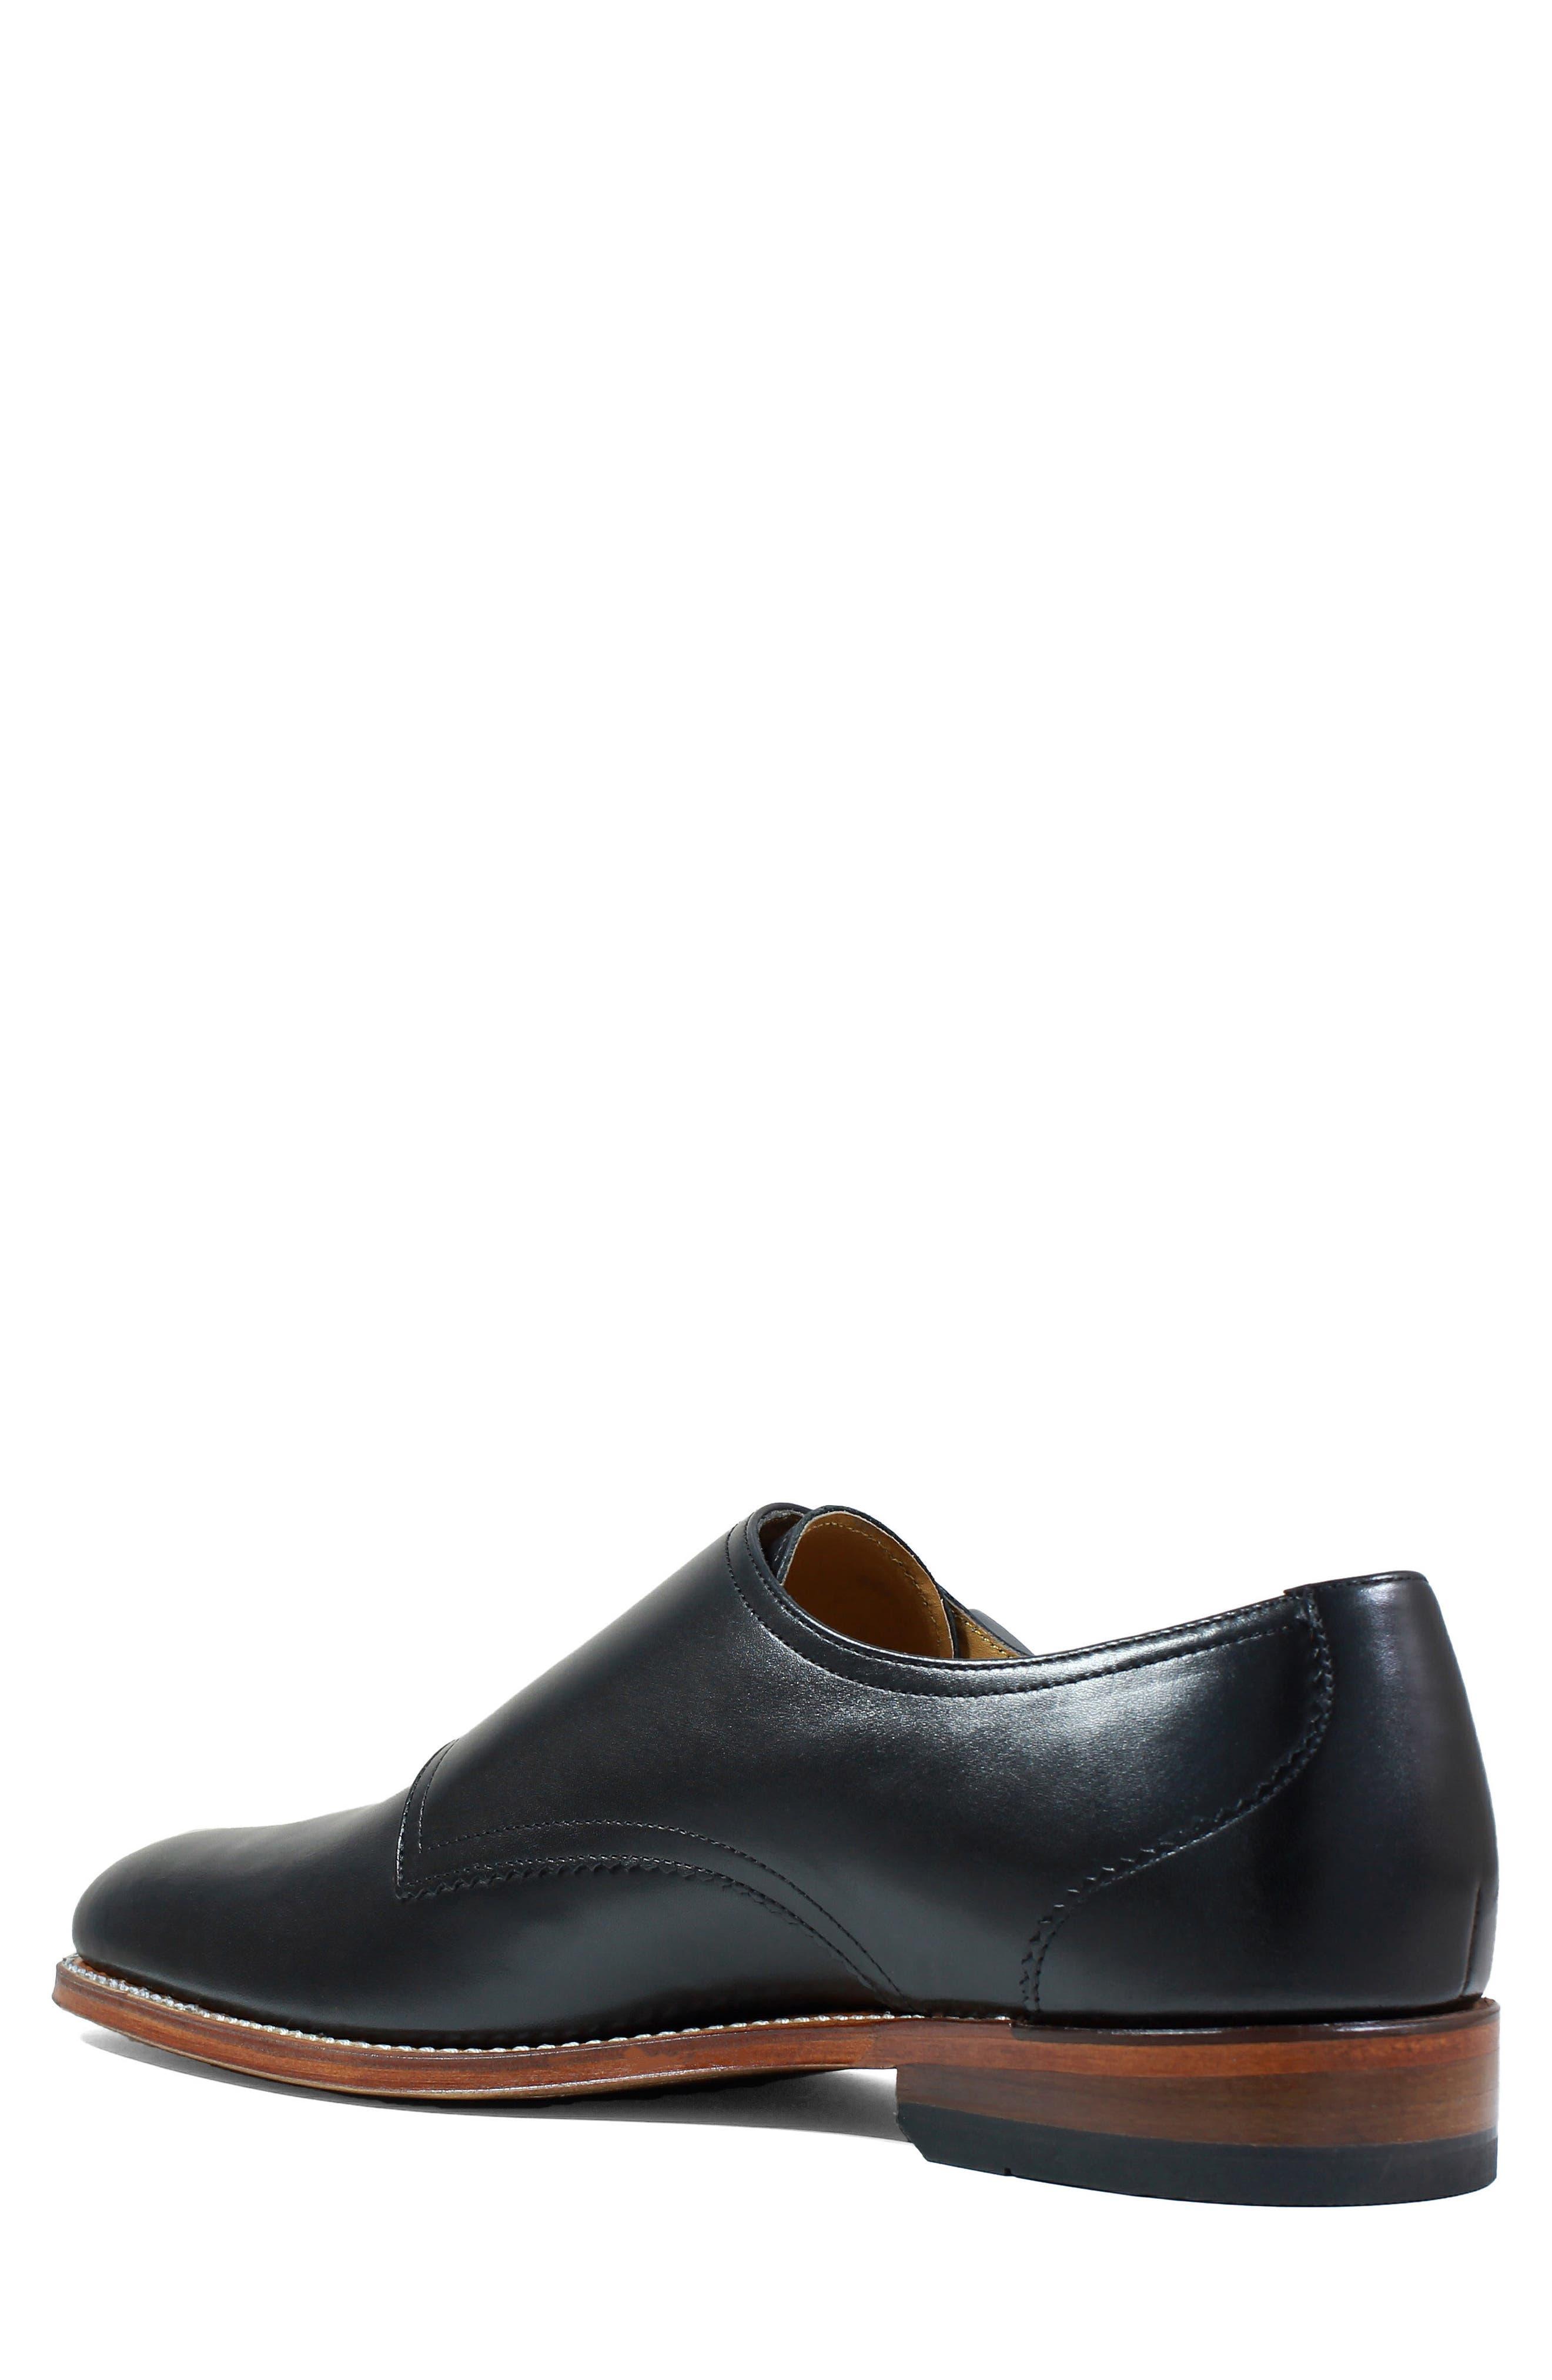 M2 Plain Toe Double Strap Monk Shoe,                             Alternate thumbnail 2, color,                             Black Leather